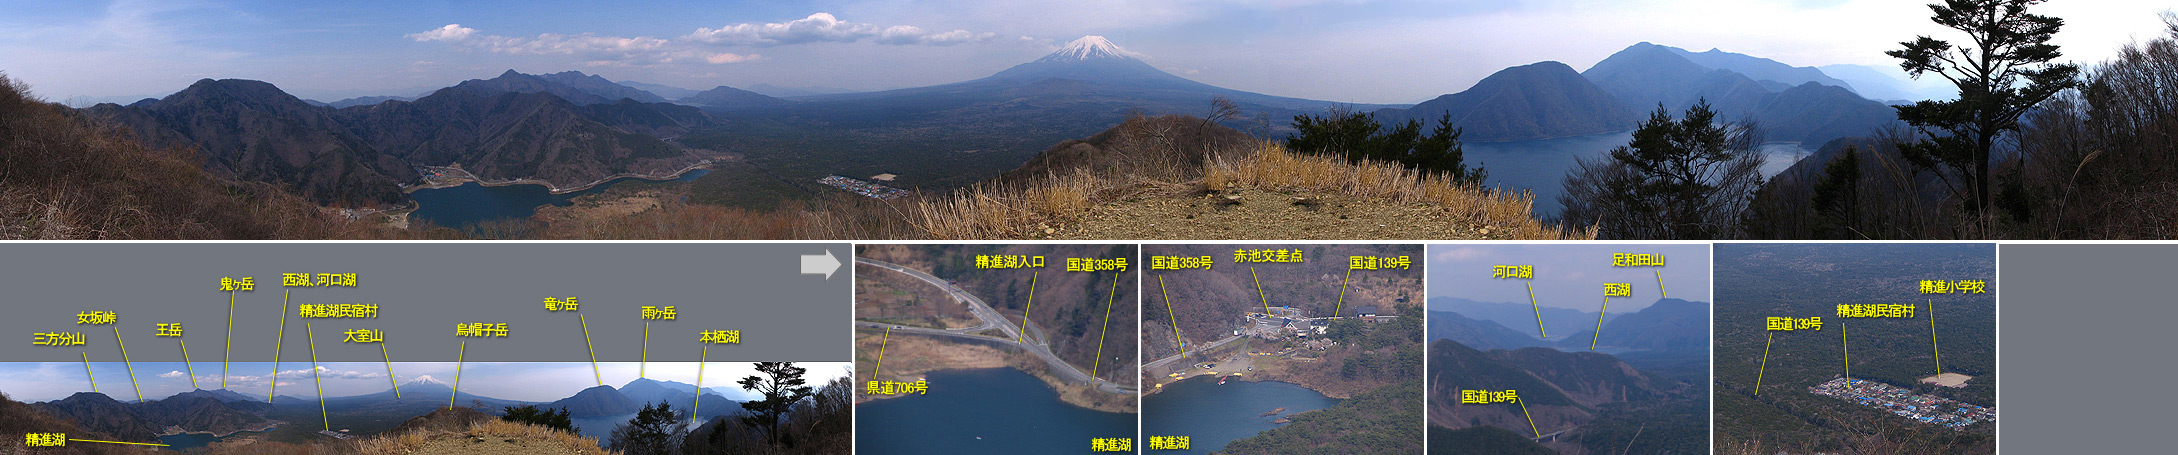 湖 赤池 五 富士